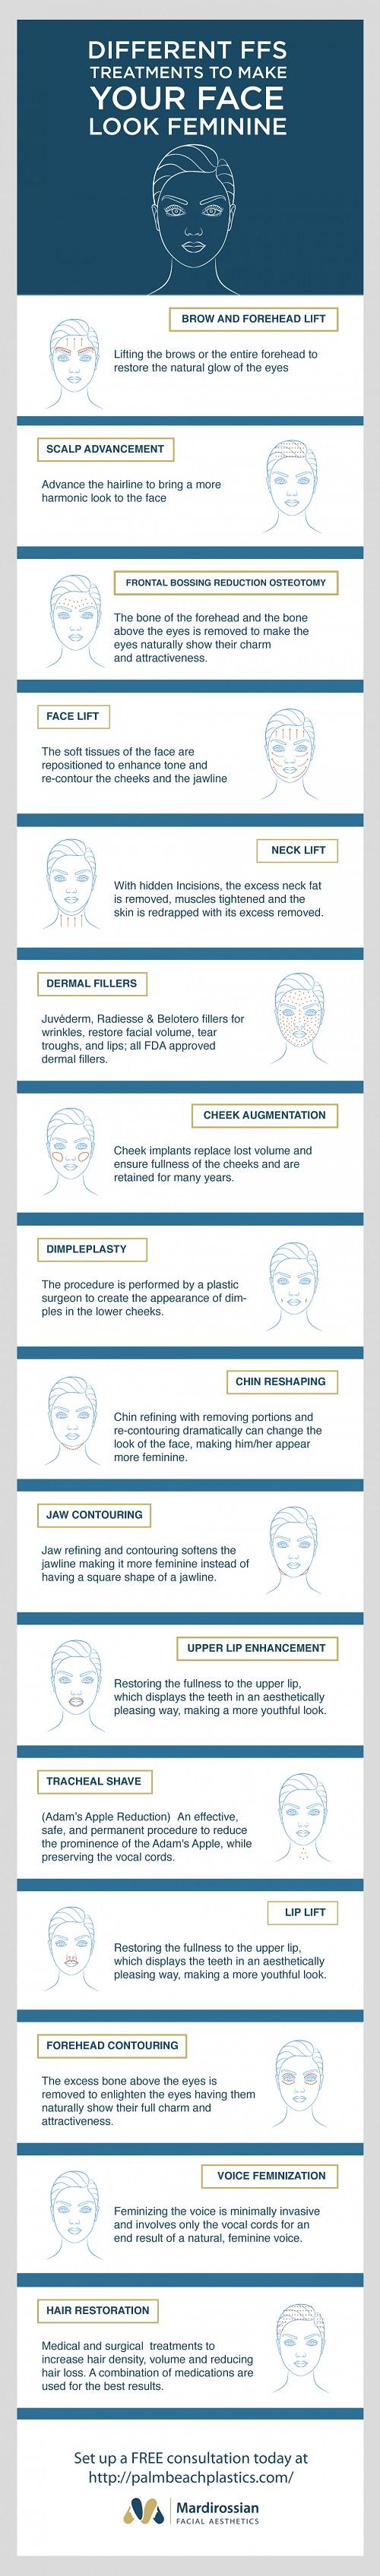 Qué procedimientos incluye la cirugía de feminización facial #infografía